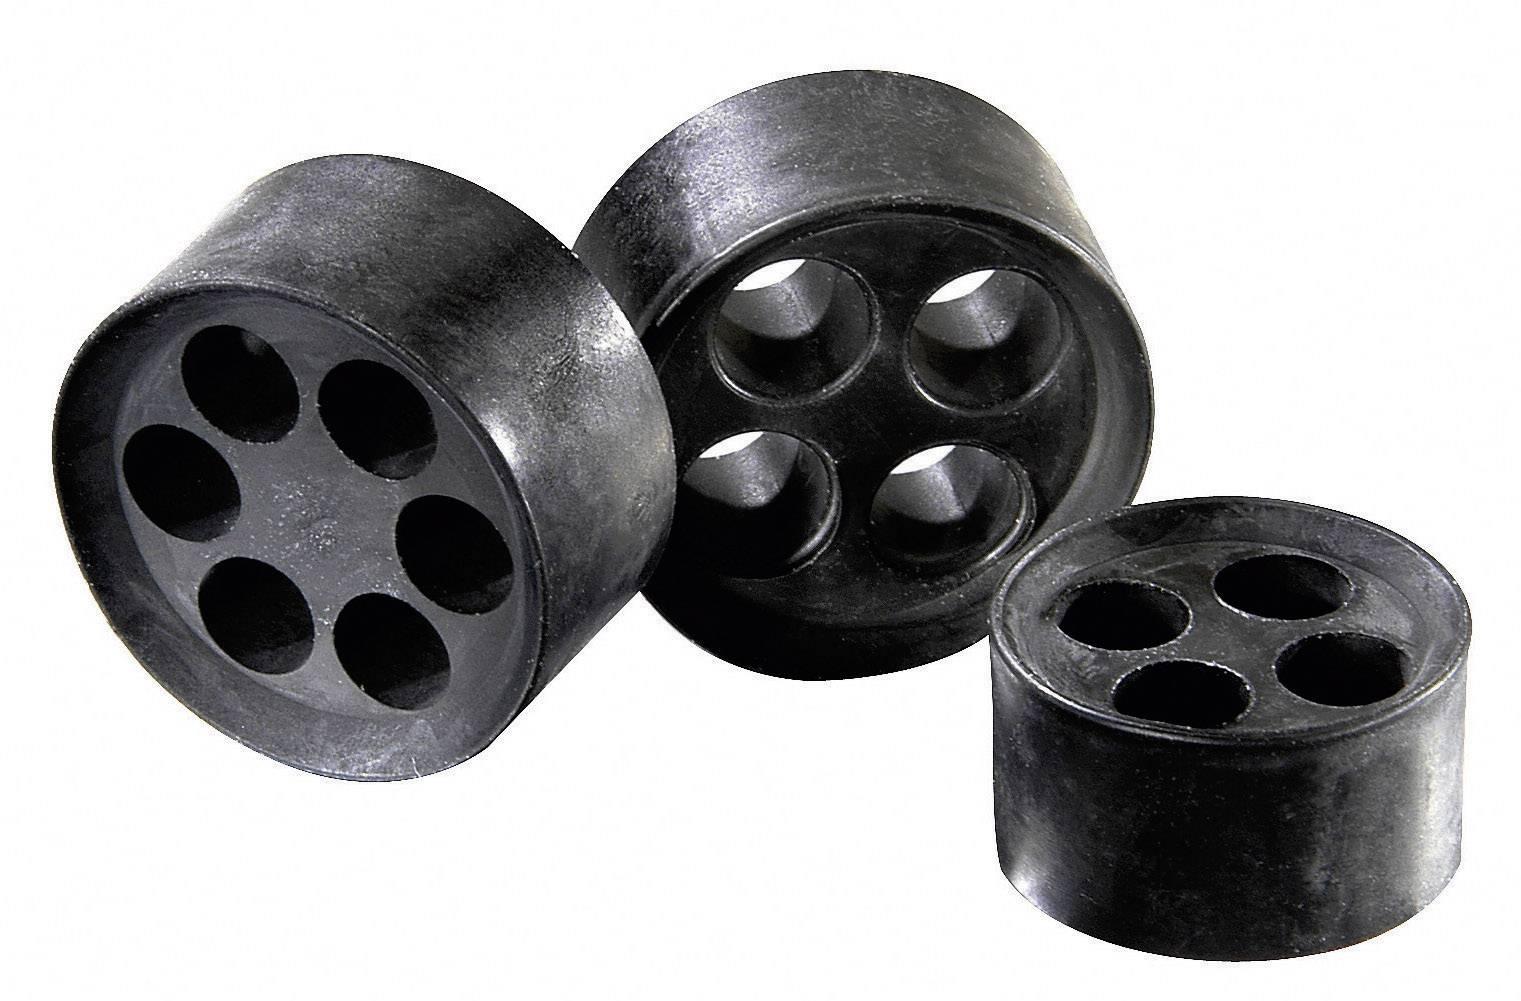 Těsnicí vložka M32 Wiska MFD 32/04/080 (10064950), IP66, M32, elastomer, černá